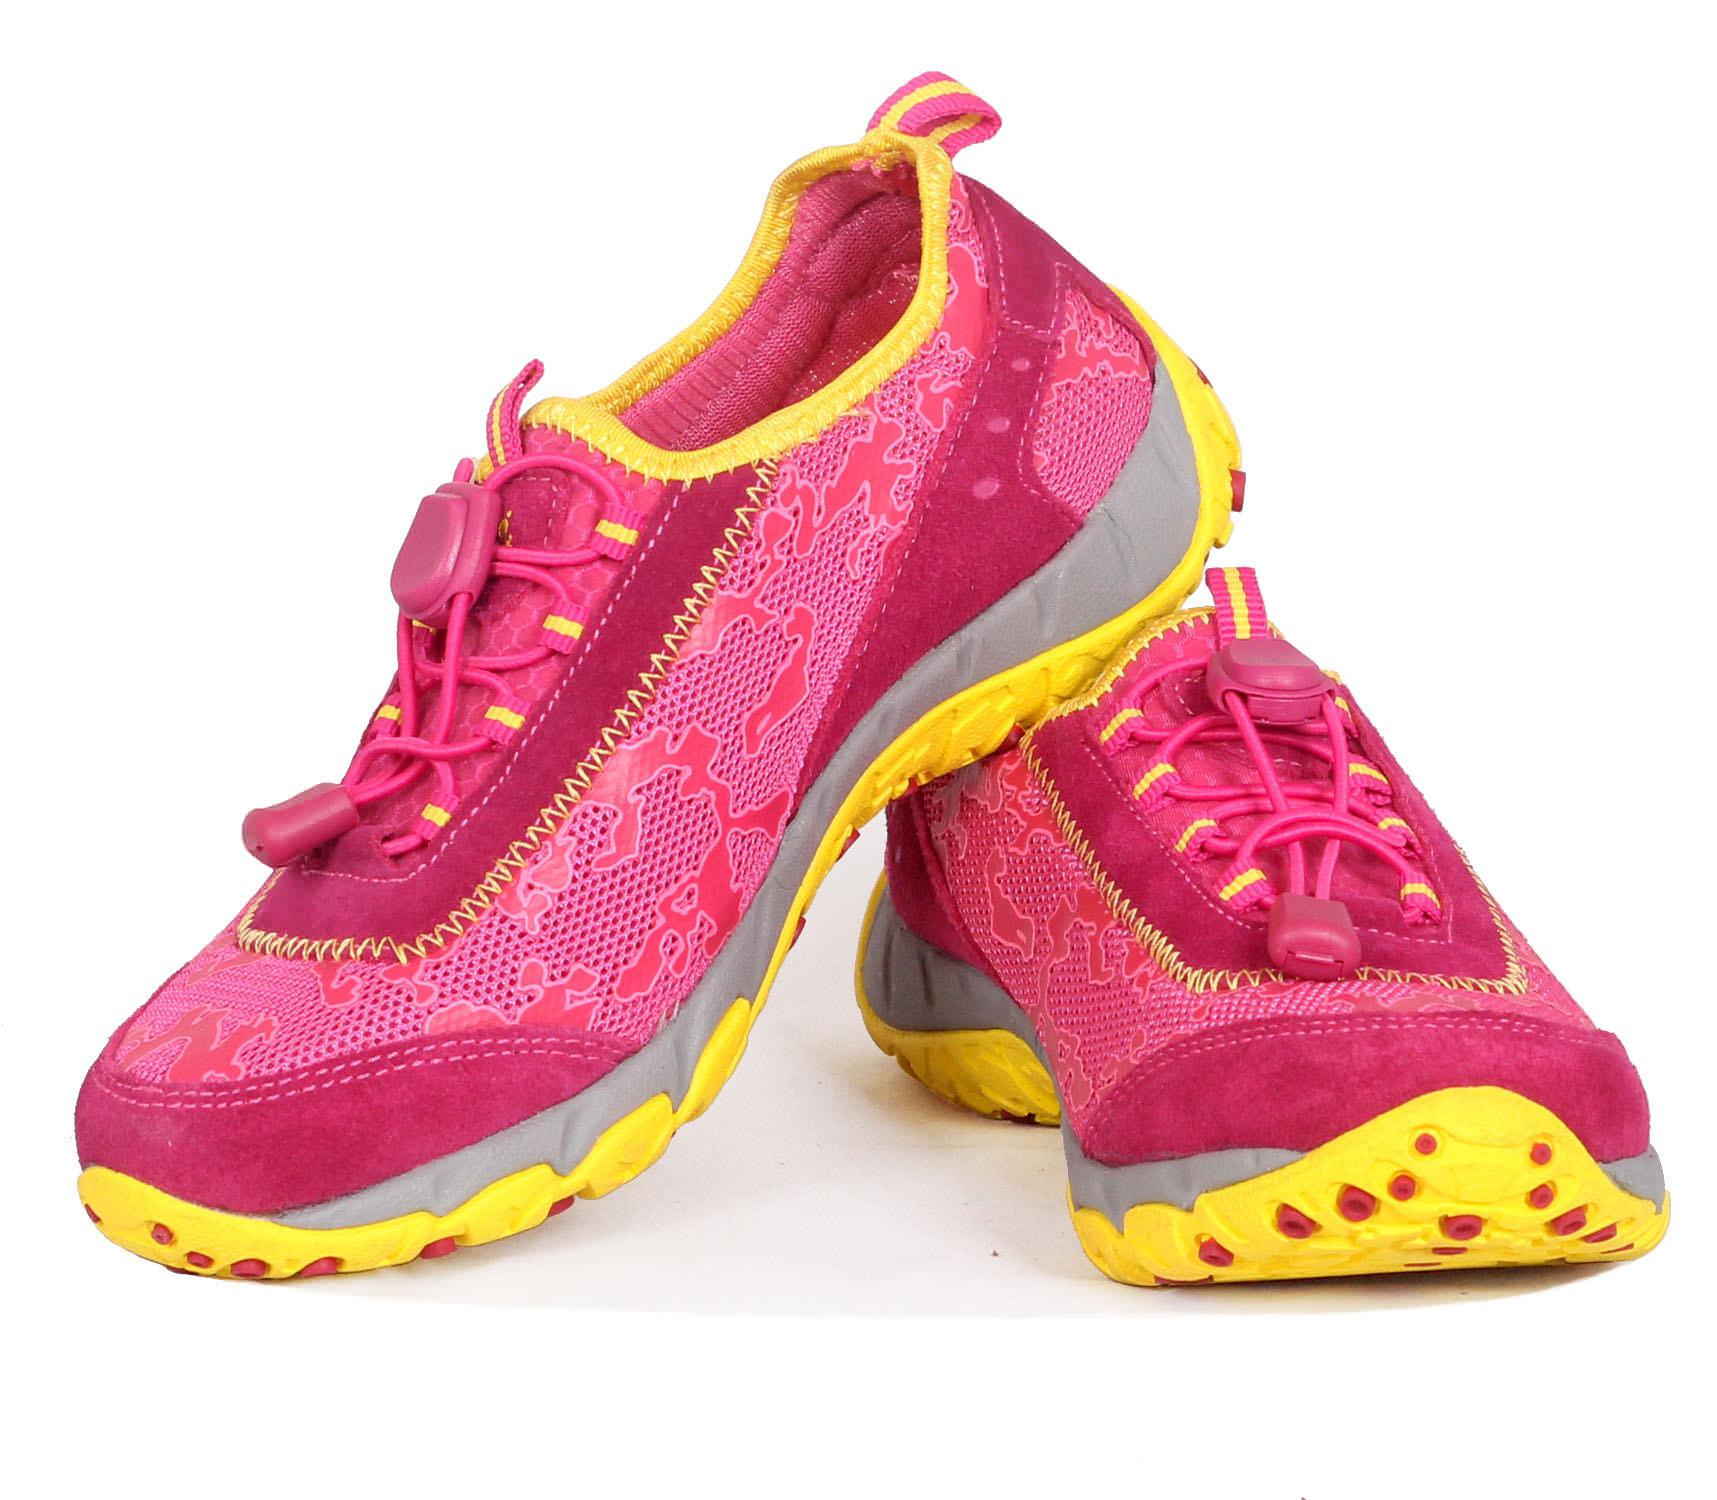 Giày chạy bộ nữ JWS - 4056